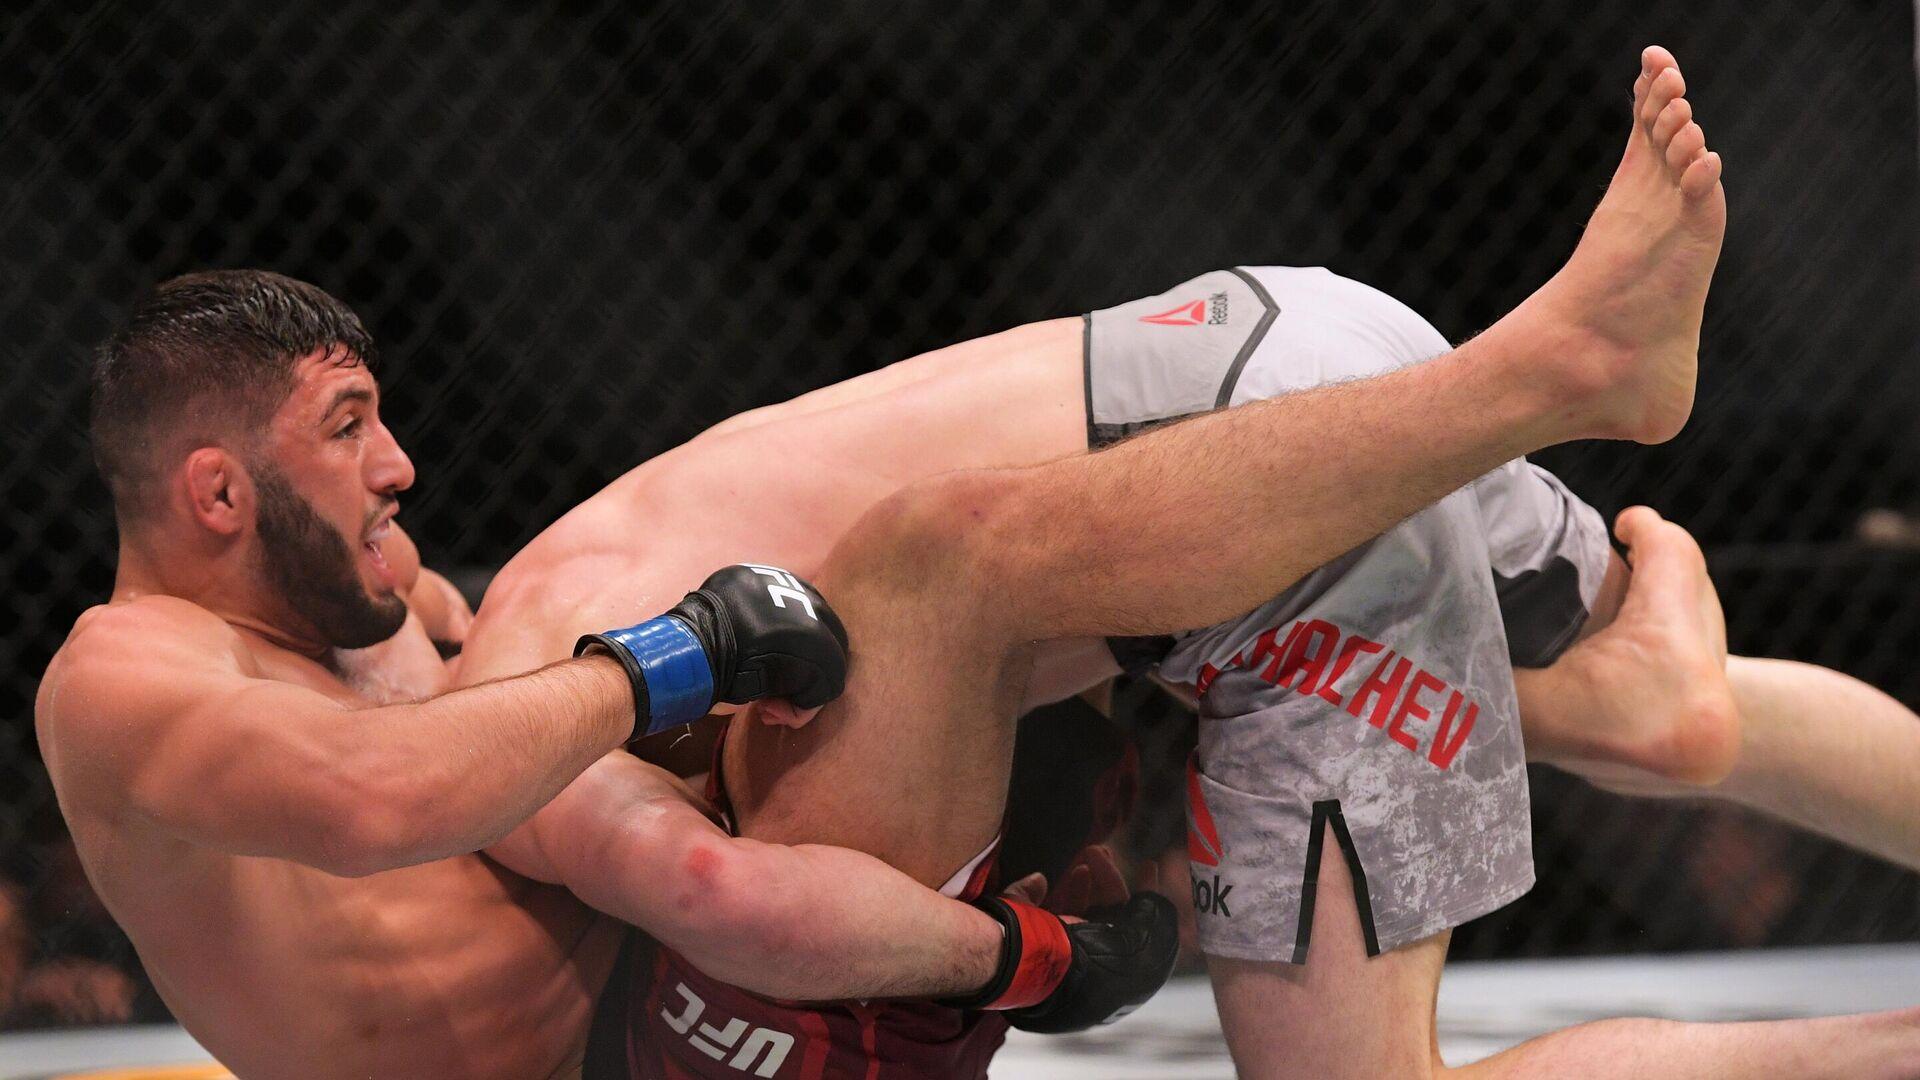 UFC Fight Night в Санкт-Петербурге - РИА Новости, 1920, 22.01.2021